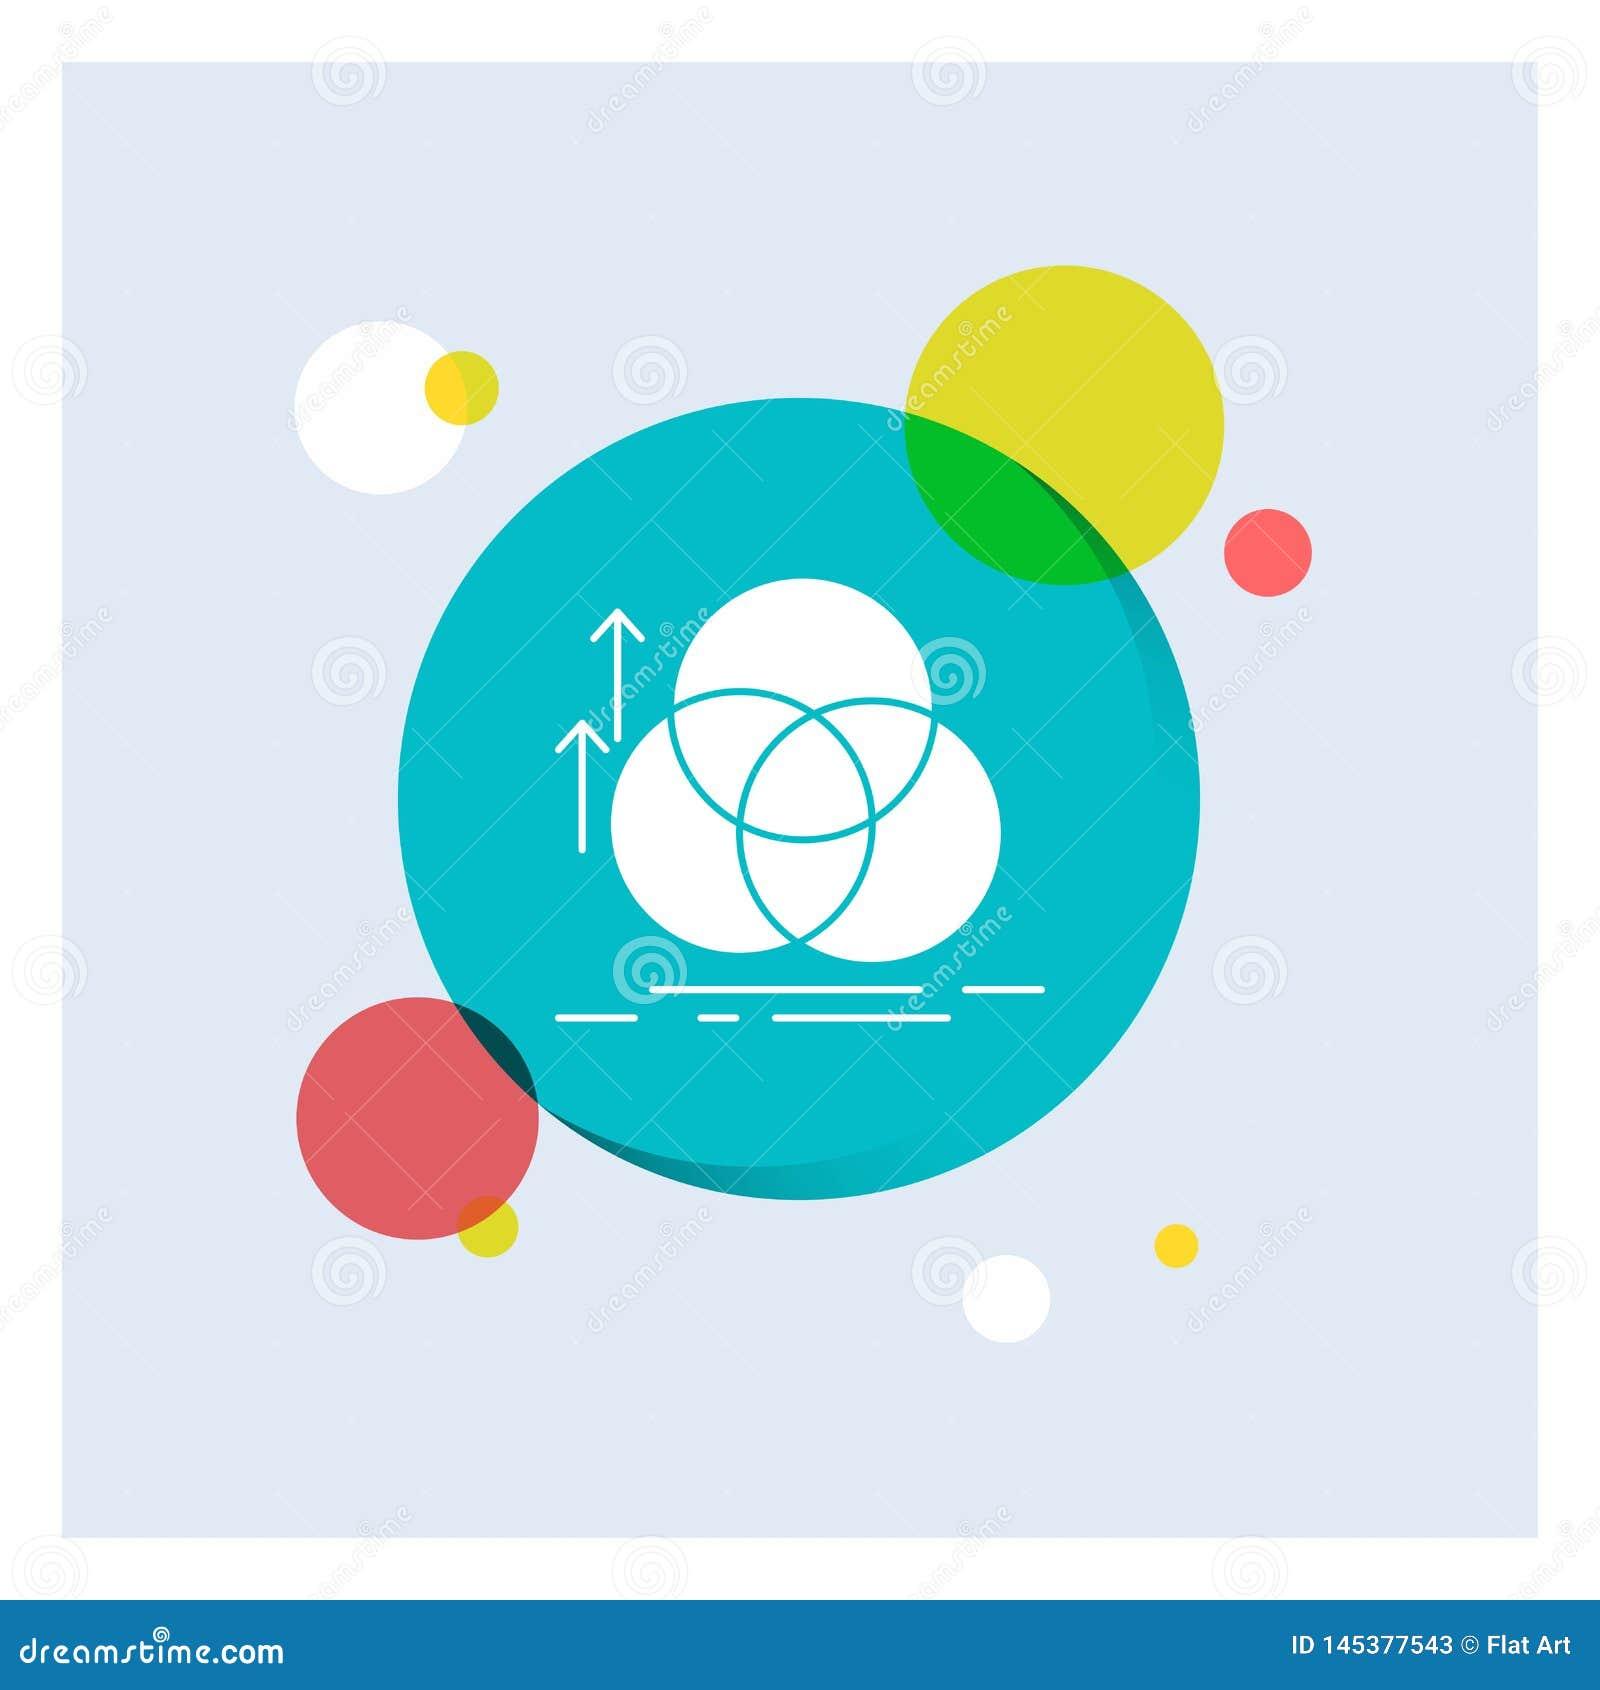 ισορροπία, κύκλος, ευθυγράμμιση, μέτρηση, γεωμετρίας άσπρο Glyph υπόβαθρο κύκλων εικονιδίων ζωηρόχρωμο